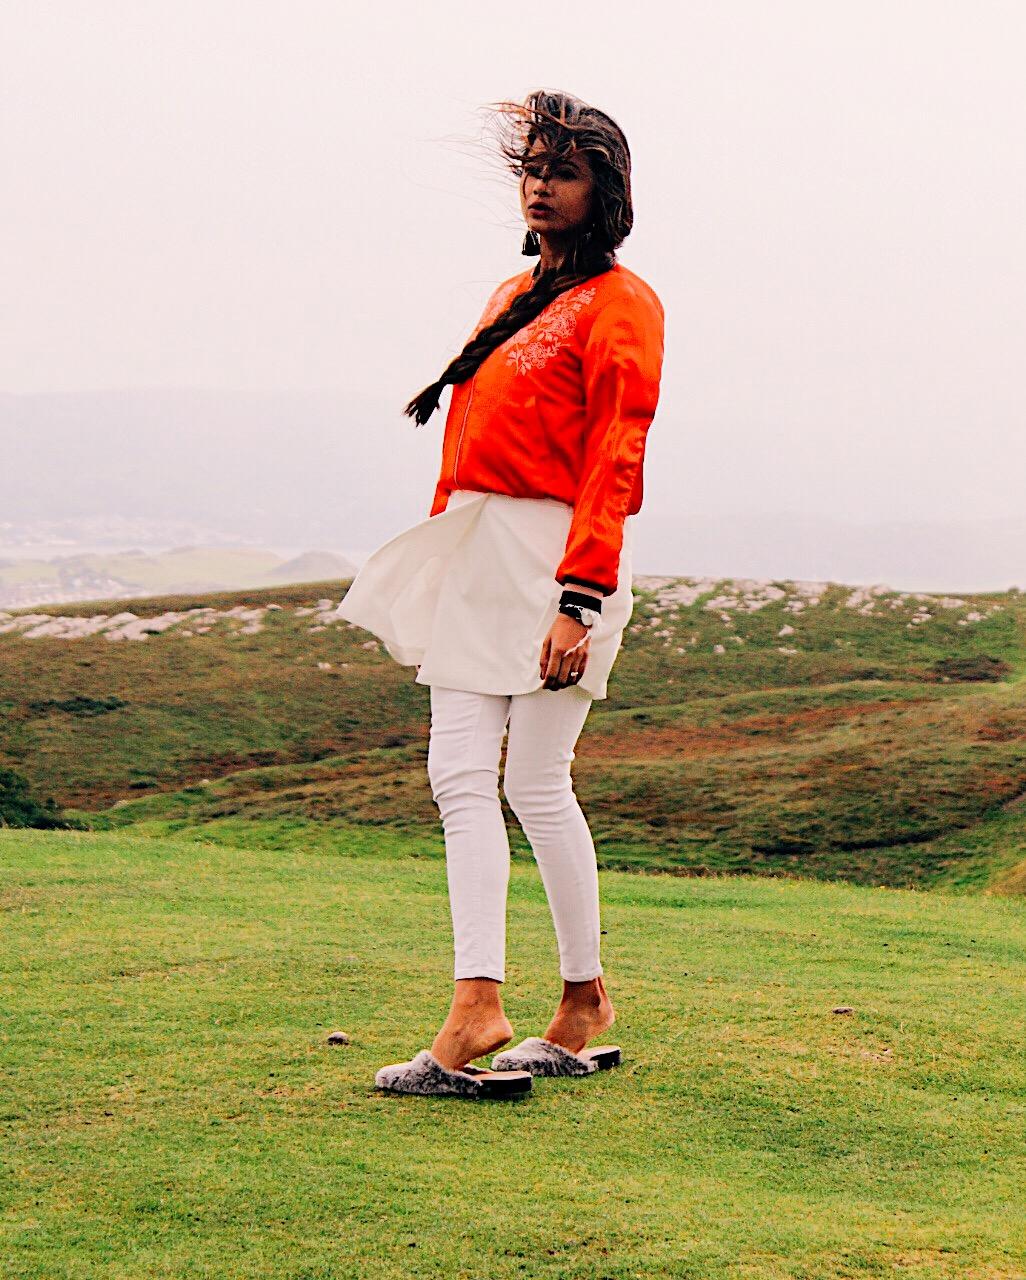 indian blog, indian blogger, top indian blog, indian luxury blog, uk blog, british blog, london blog, delhi blogger, tips on what to pack for travel, packing tips, packing for holiday, travel tips, indian travel blog